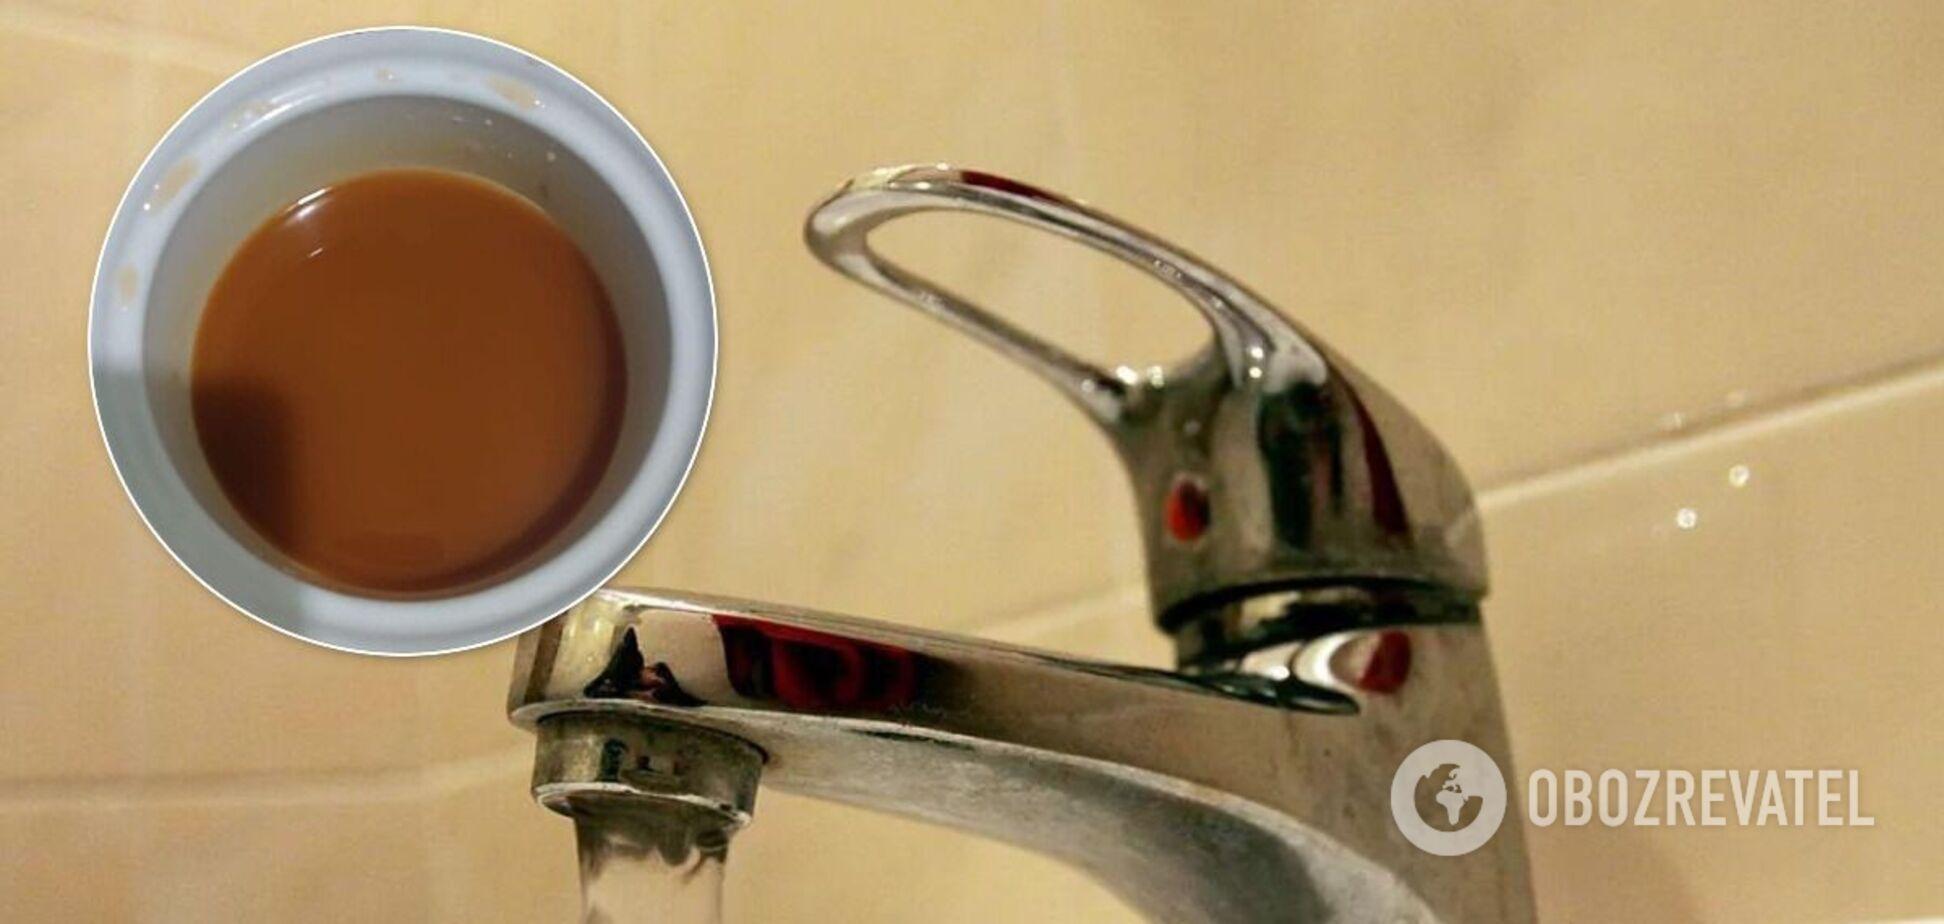 Проблеми з водою